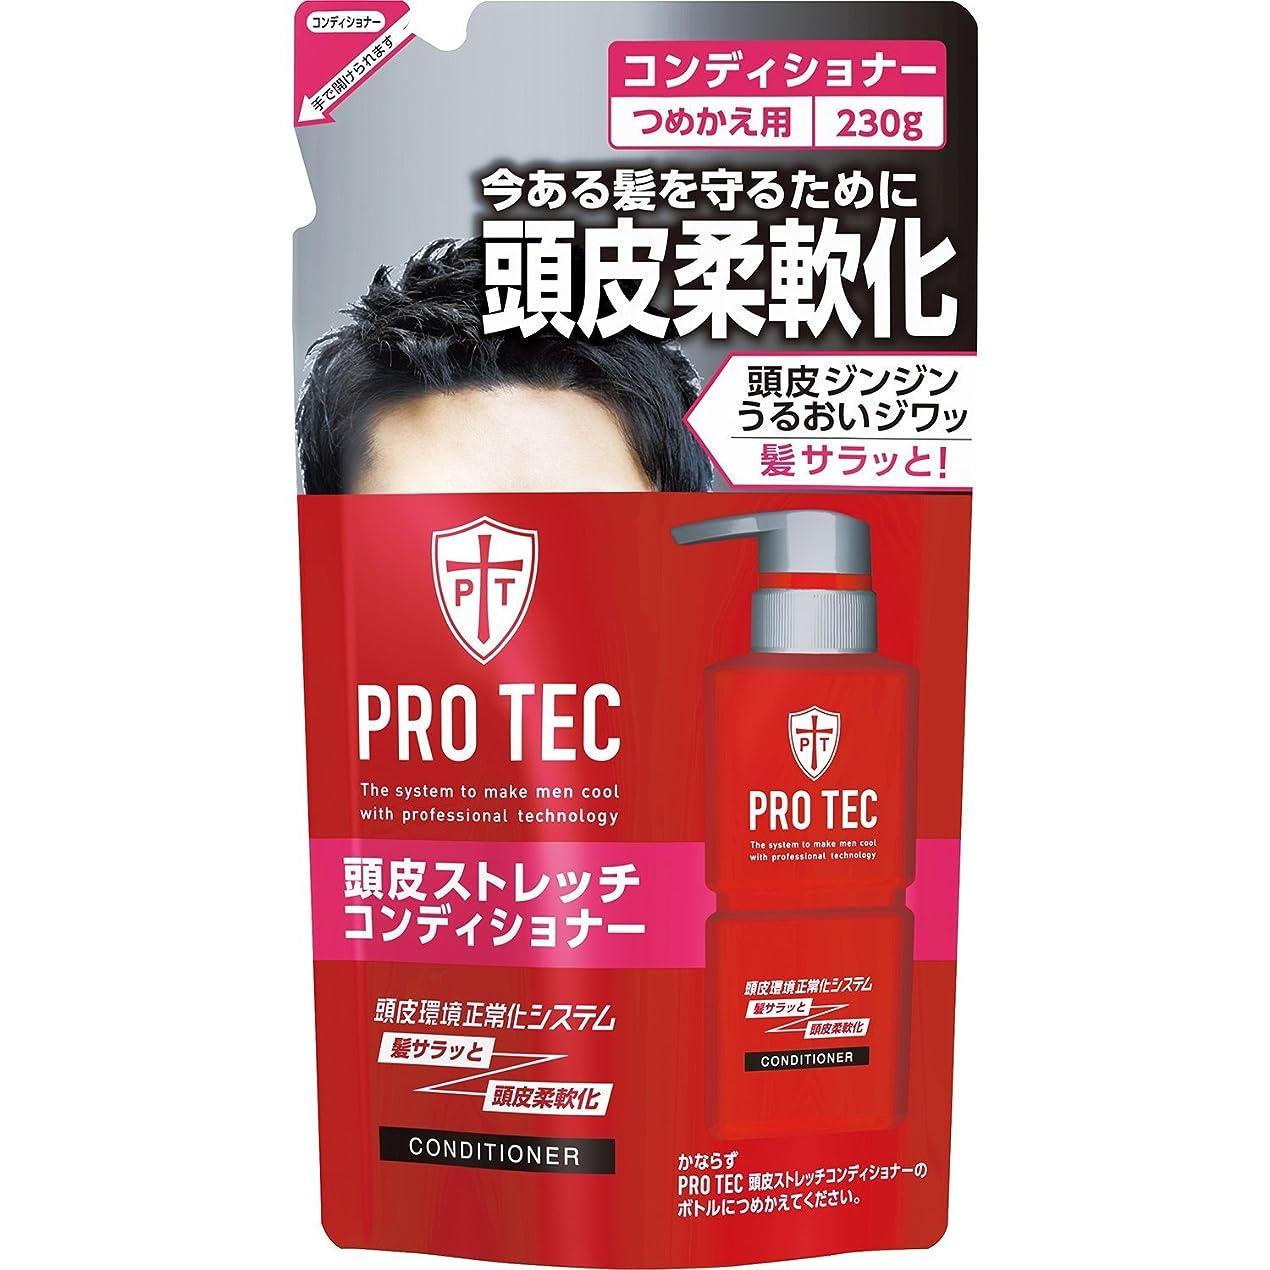 検体心理的に研究PRO TEC(プロテク) 頭皮ストレッチ コンディショナー 詰め替え 230g